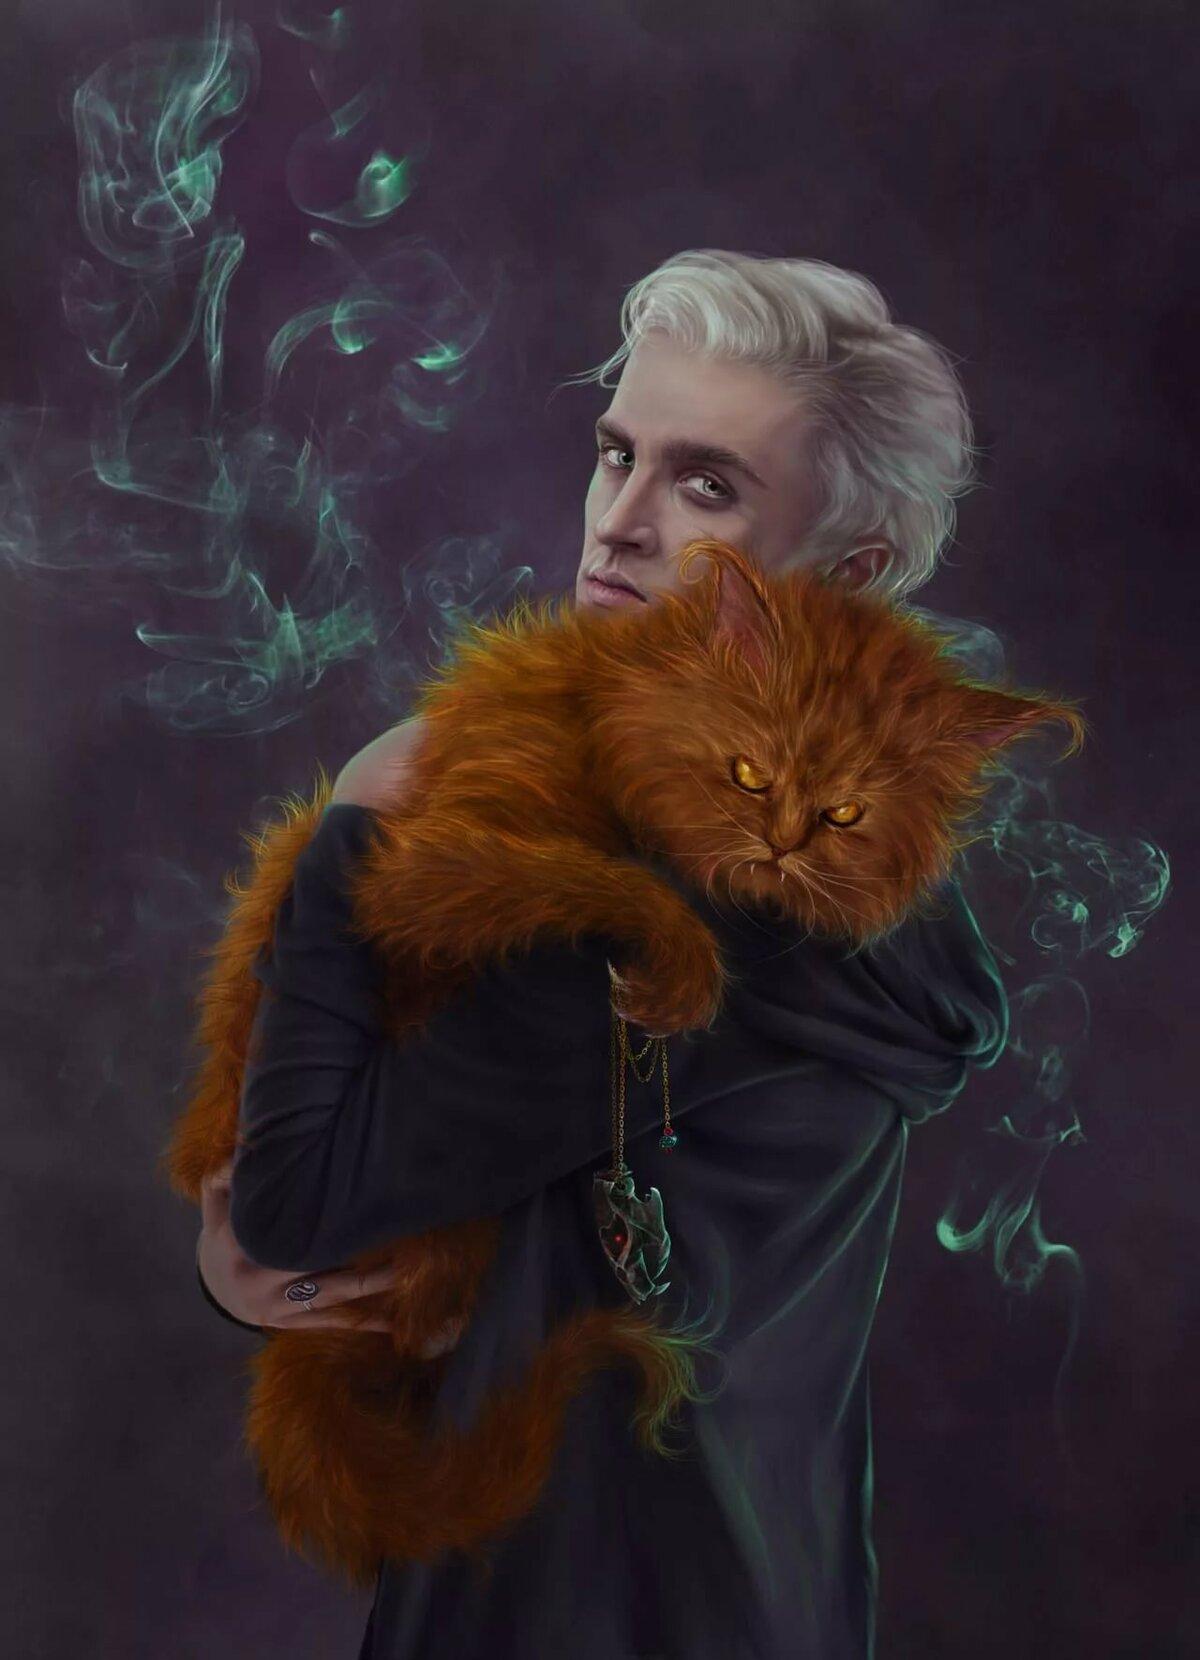 картинки кошка и гарри поттер заданный автором ёергей